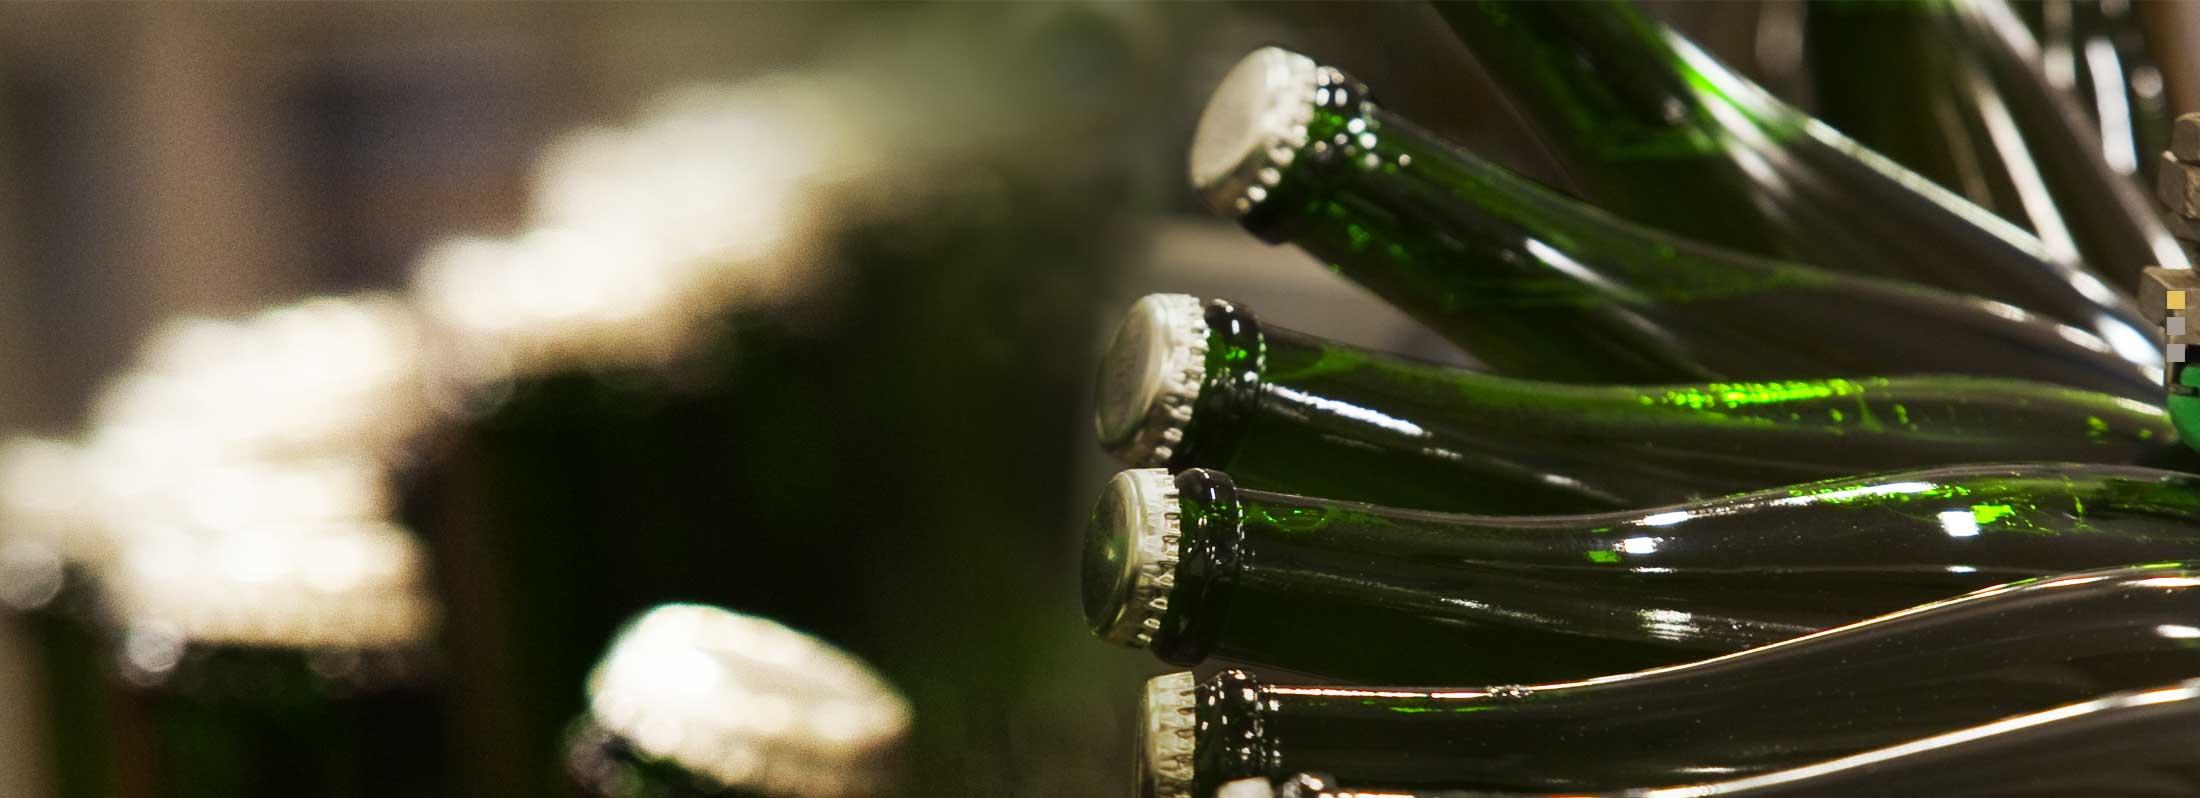 关于勃艮第起泡酒,你了解多少?